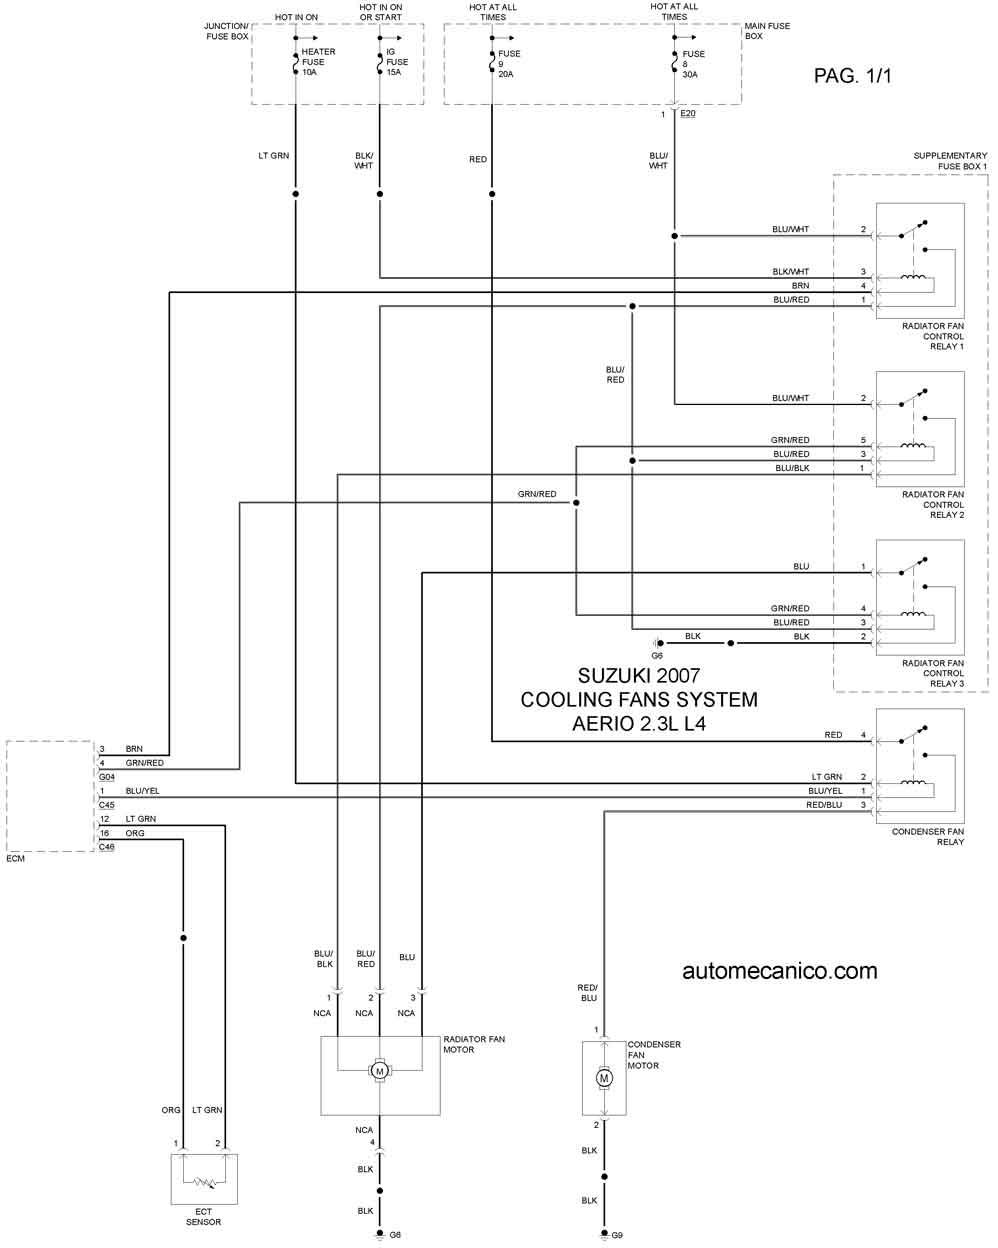 suzuki cooling fans system diagramas ventiladores